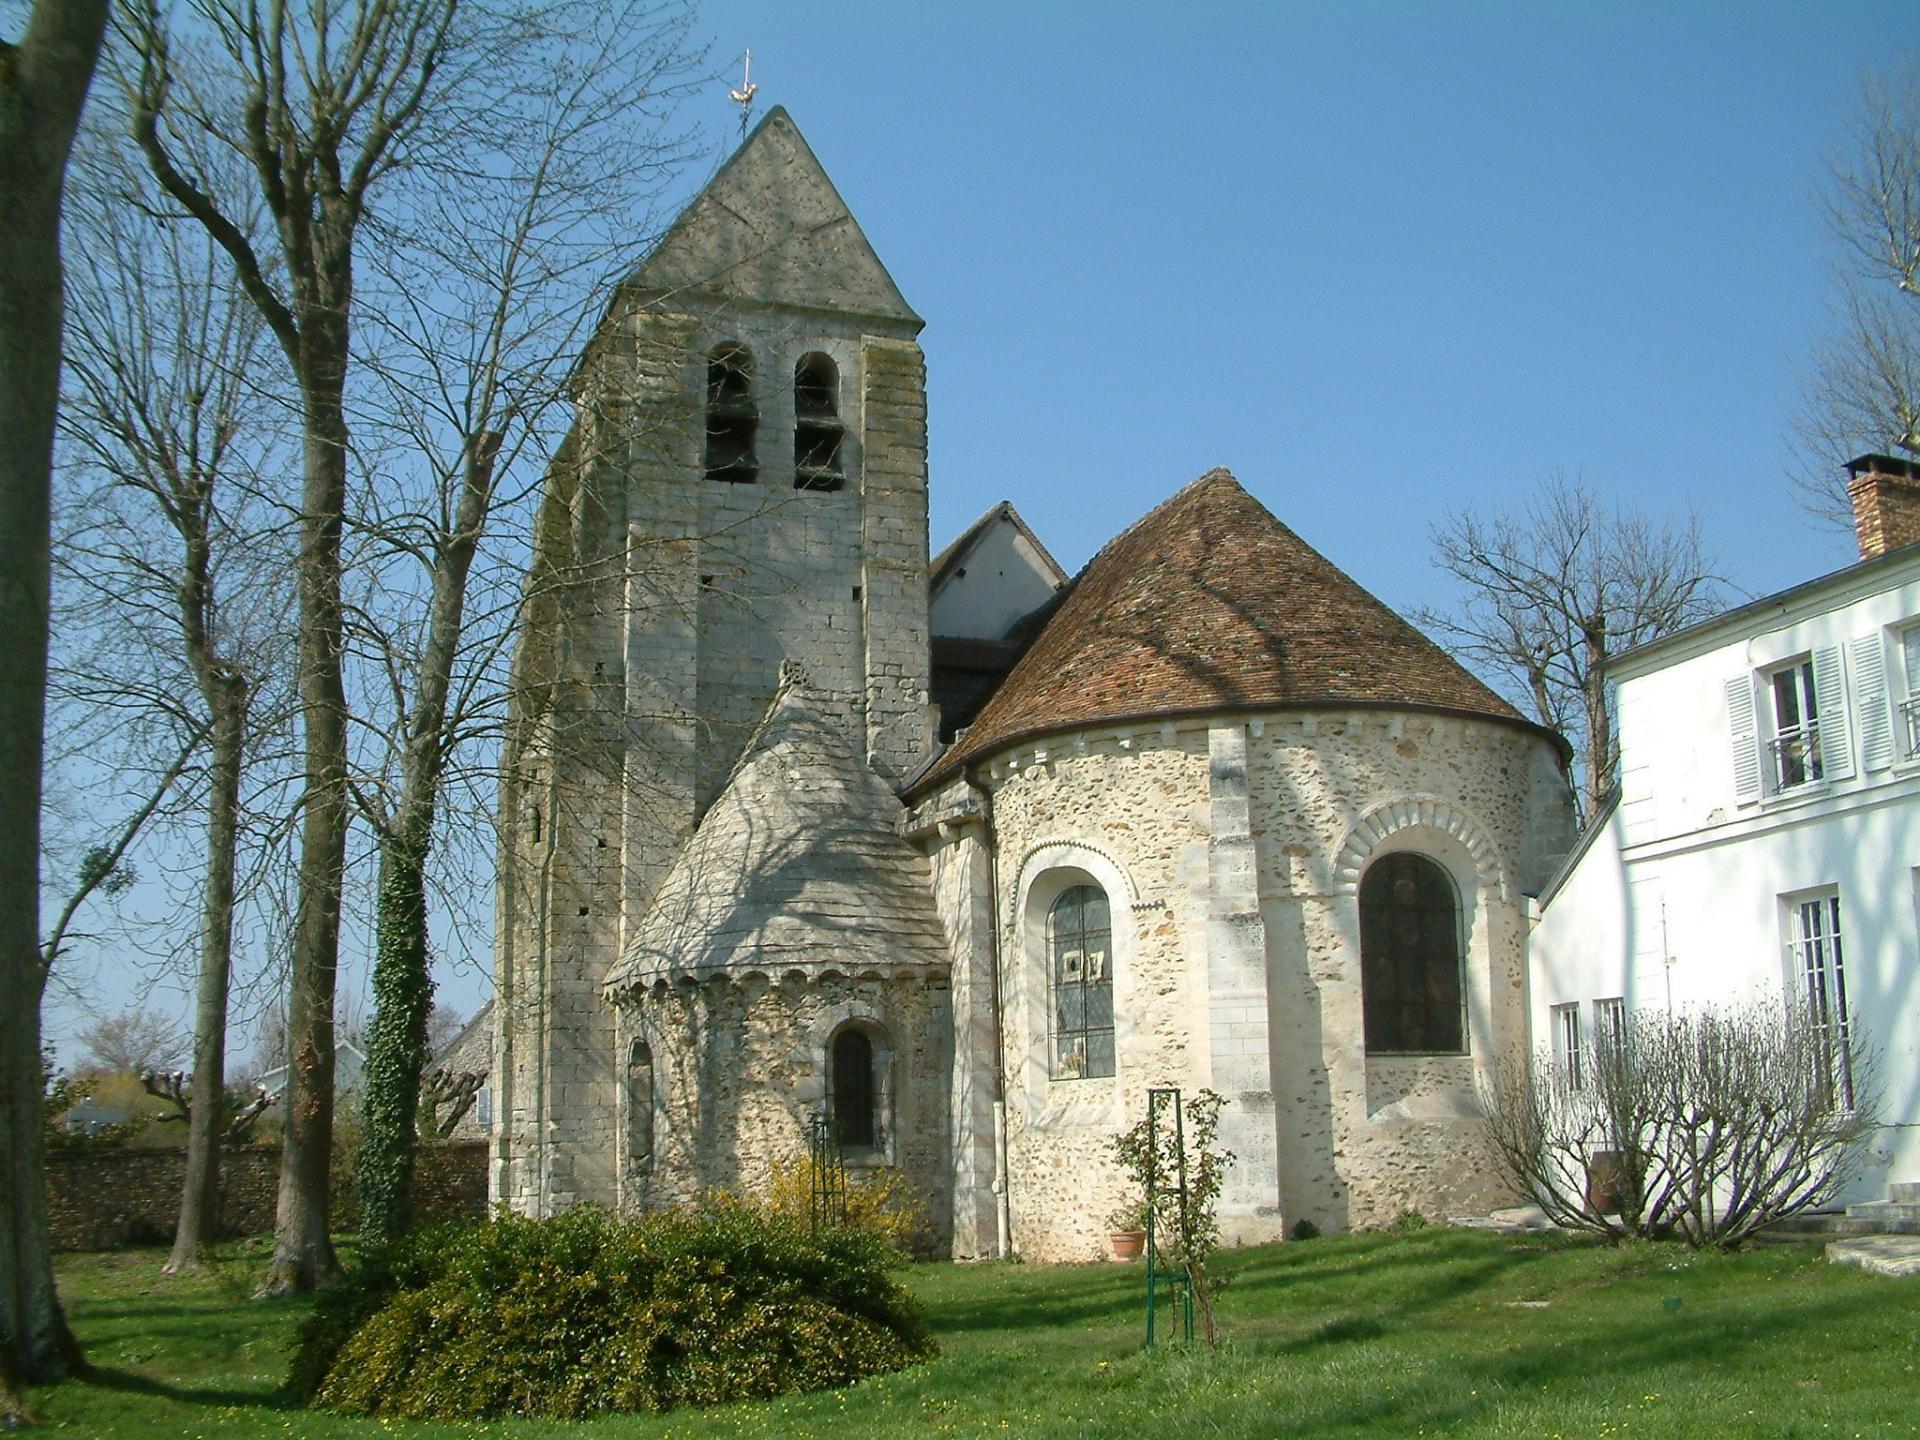 Le chevet de l'église de Marolles-en-Brie